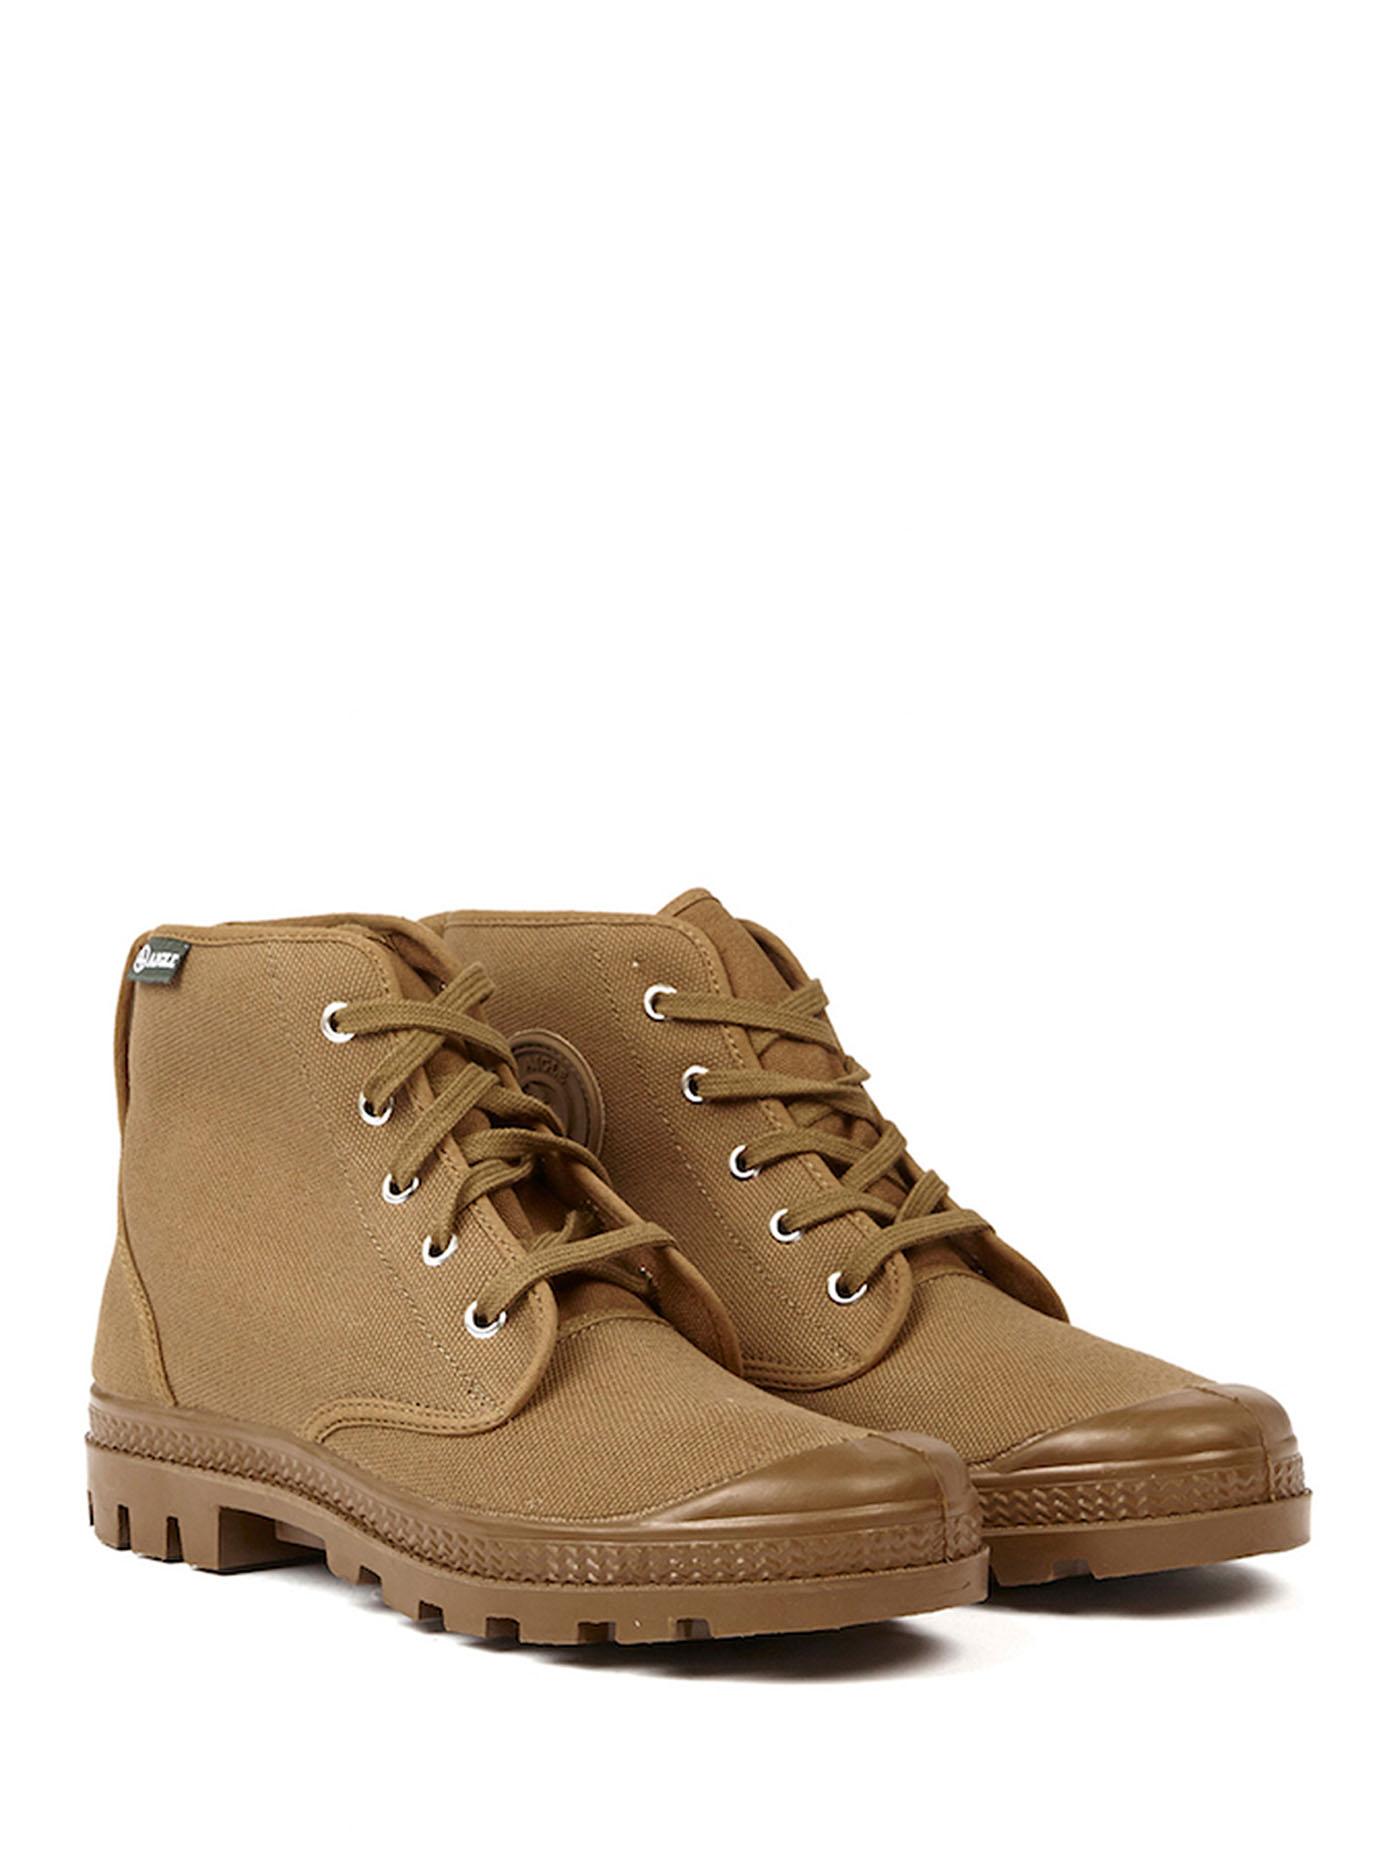 ARIZONA | Chaussures de marche et loisirs homme Kaki